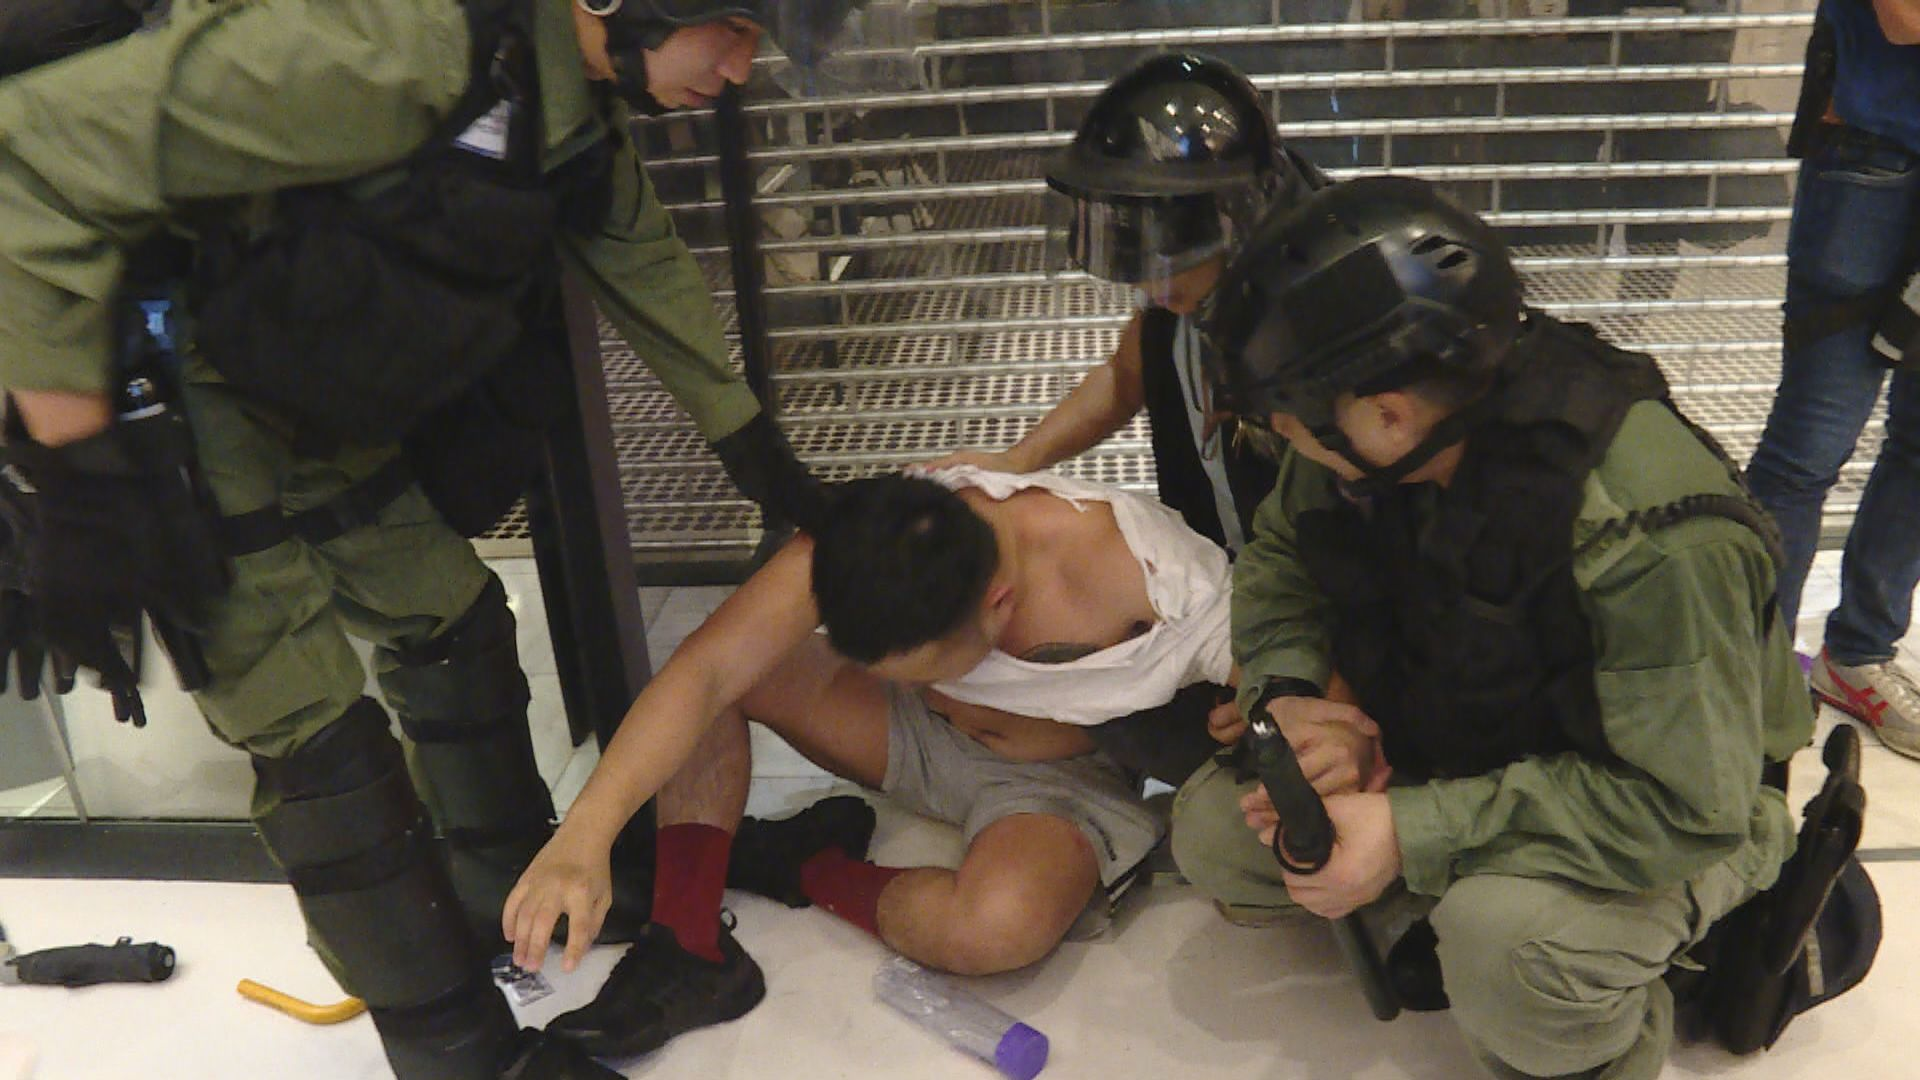 前年沙田衝突男子咬斷警長手指四罪罪成 還柙等候判刑